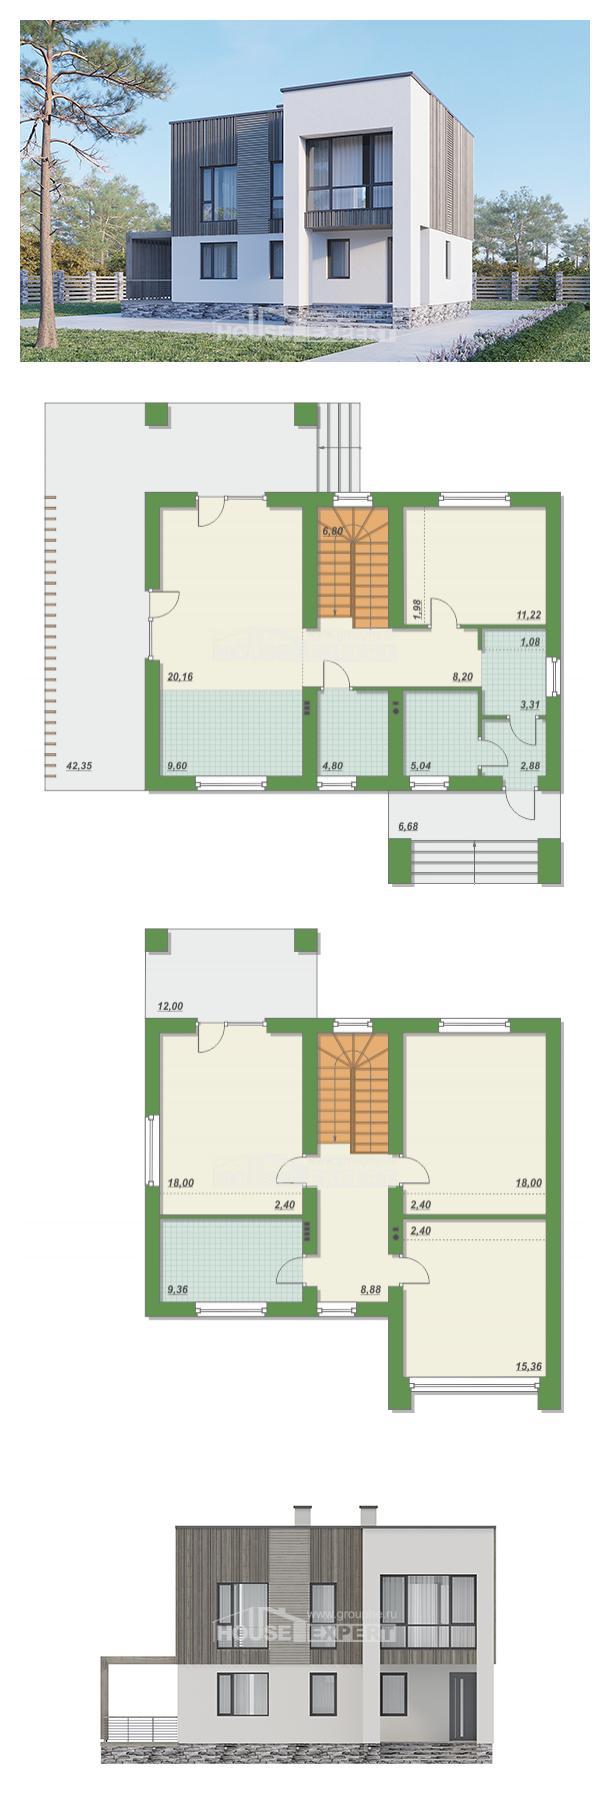 房子的设计 150-017-R | House Expert